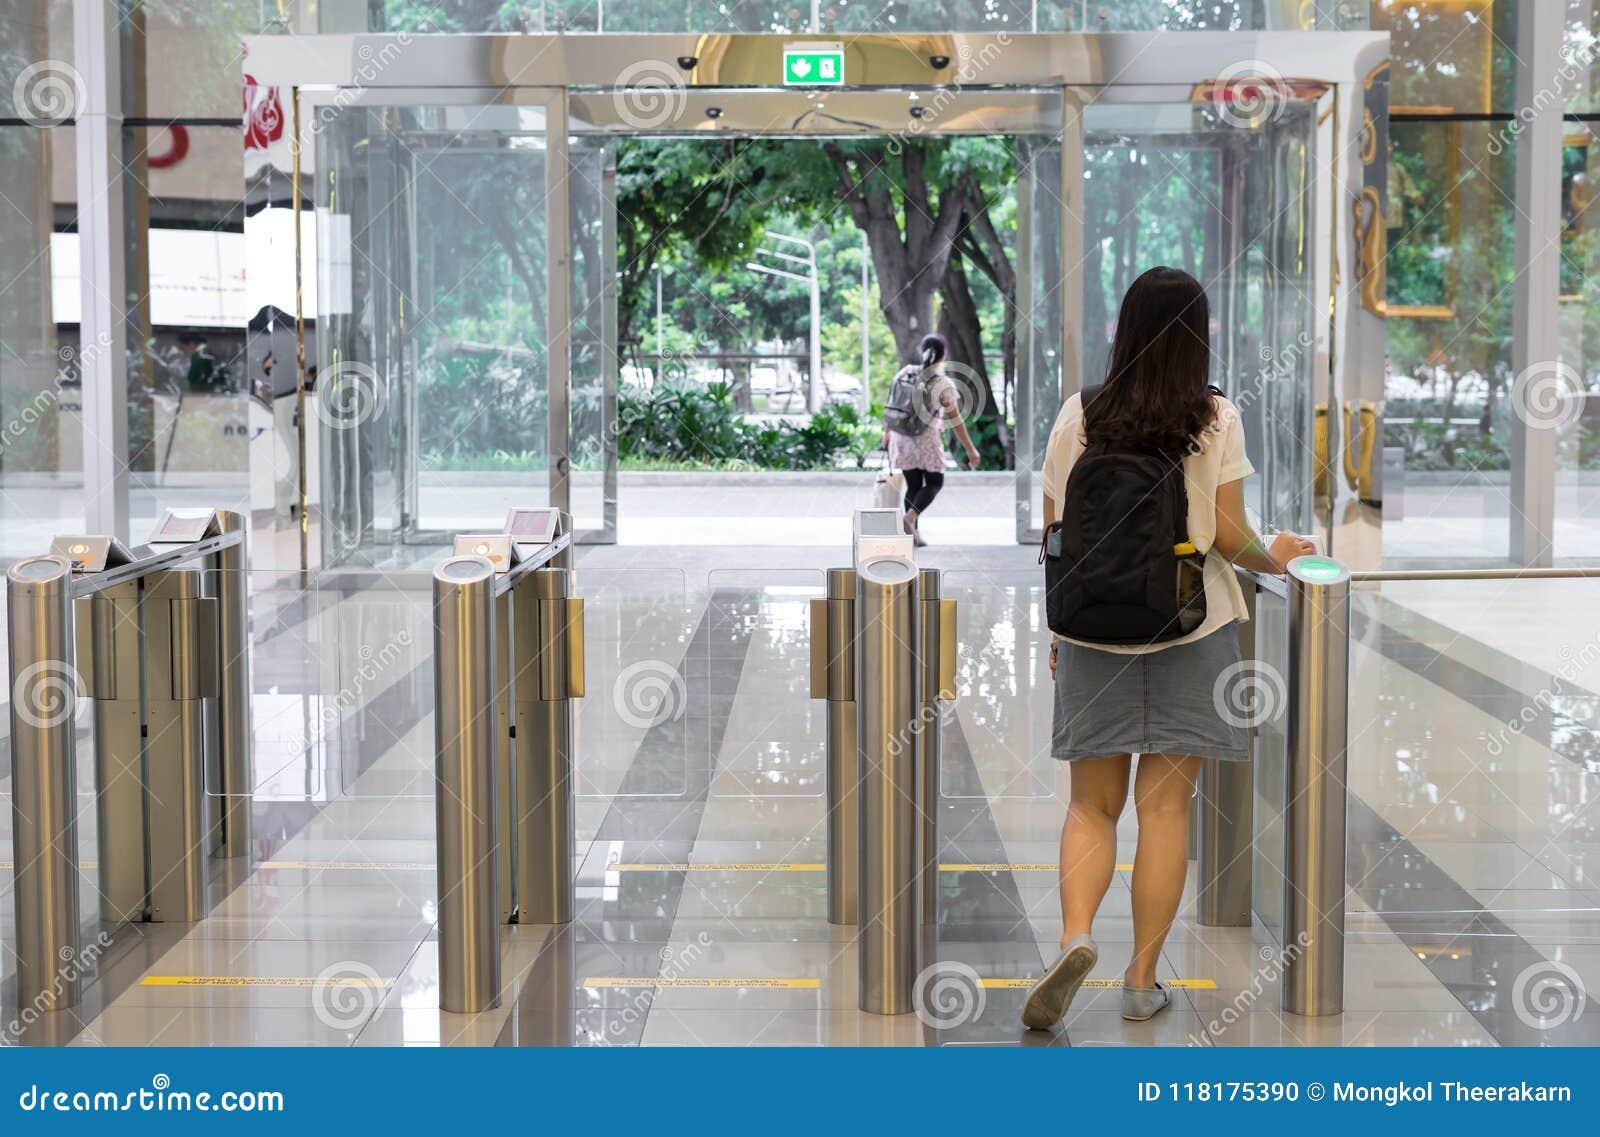 Gente de las mujeres que sale de seguridad en una puerta de la entrada con el edificio de oficinas elegante del control de acceso